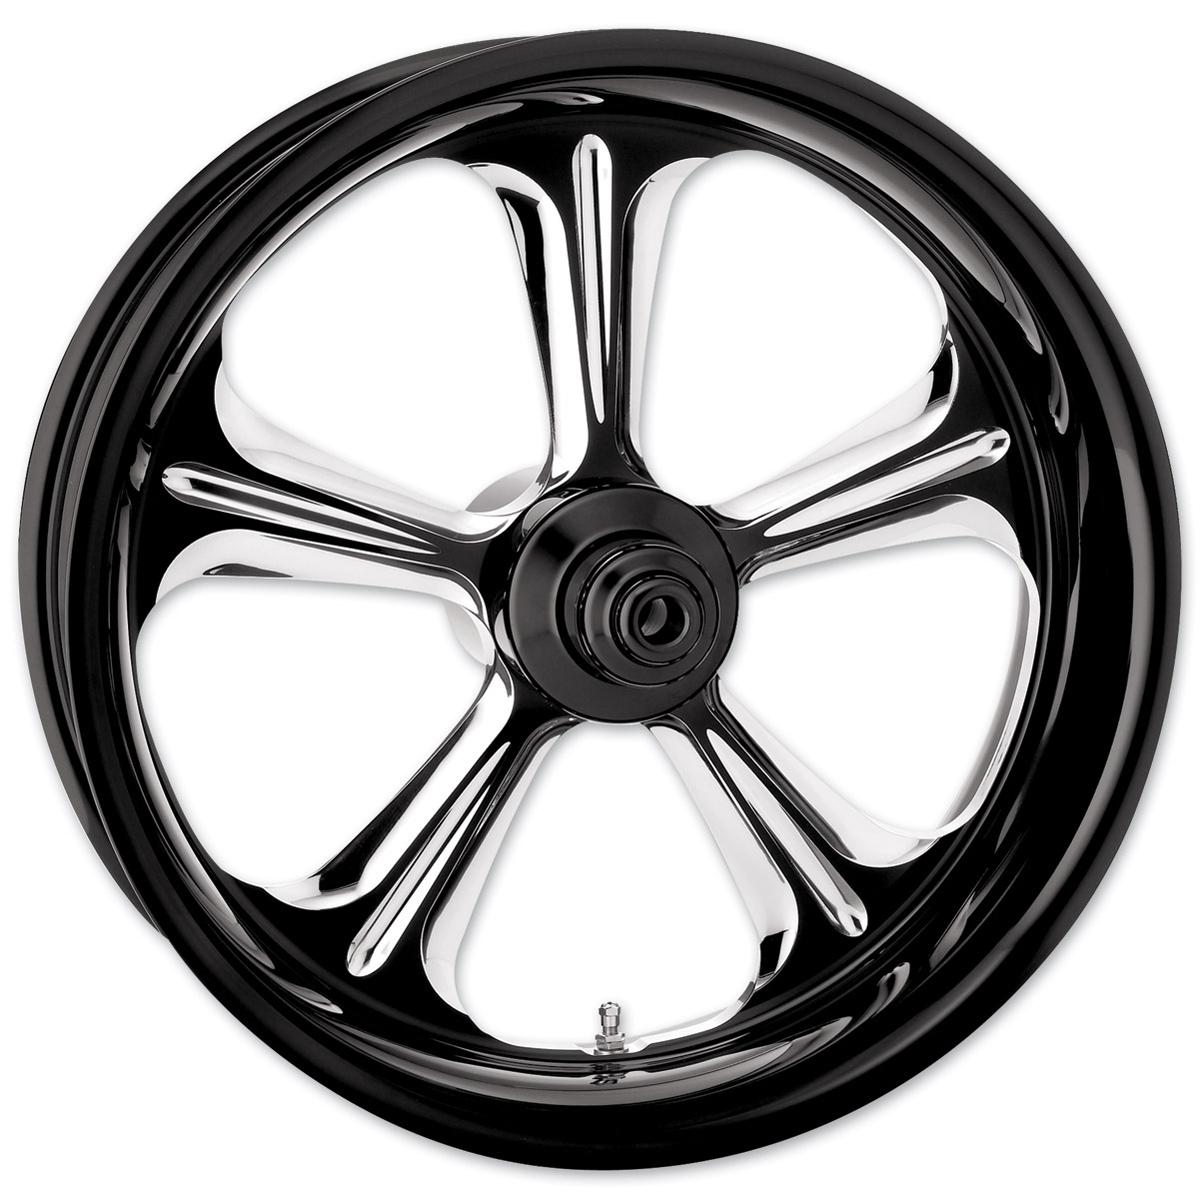 Performance Machine Wrath Platinum Cut Rear Wheel 17x6 ABS